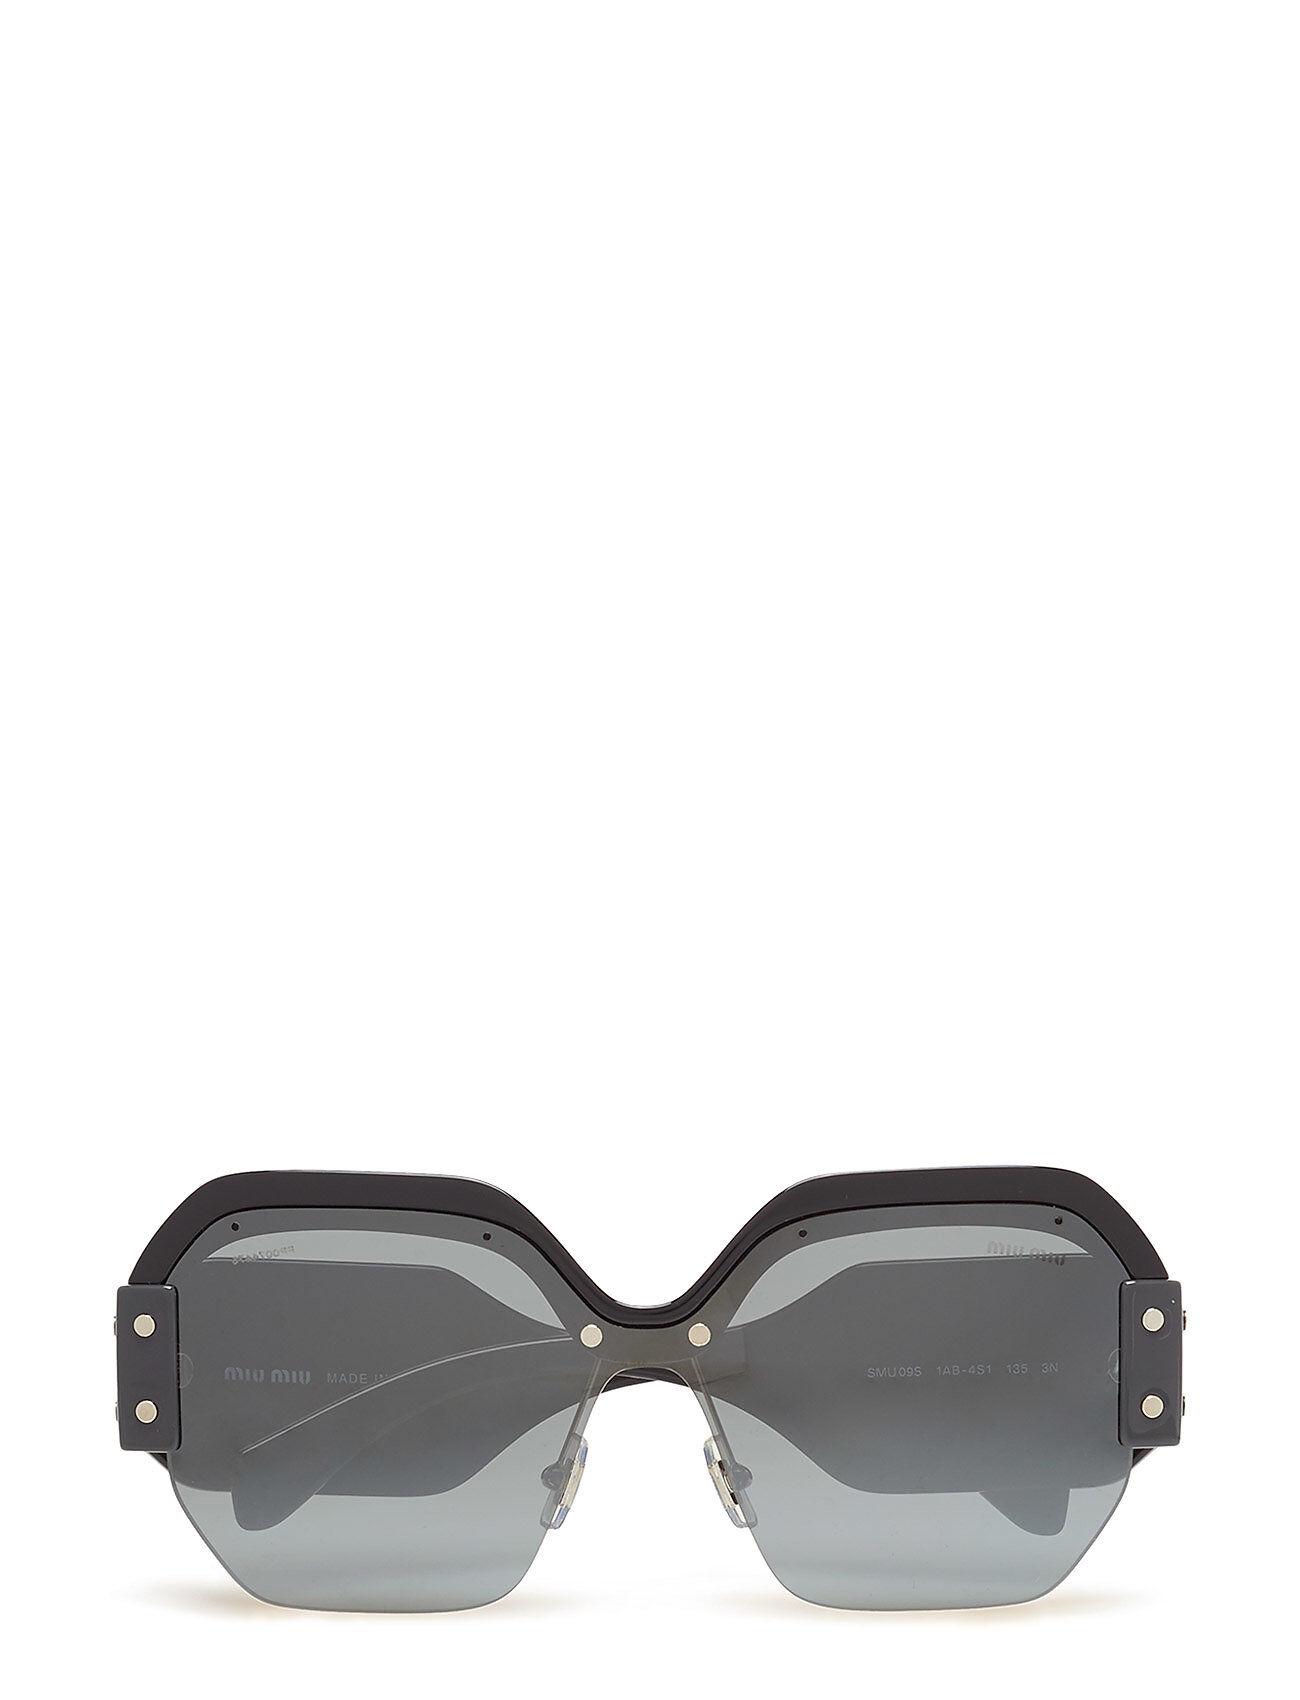 Miu Miu Sunglasses Squere